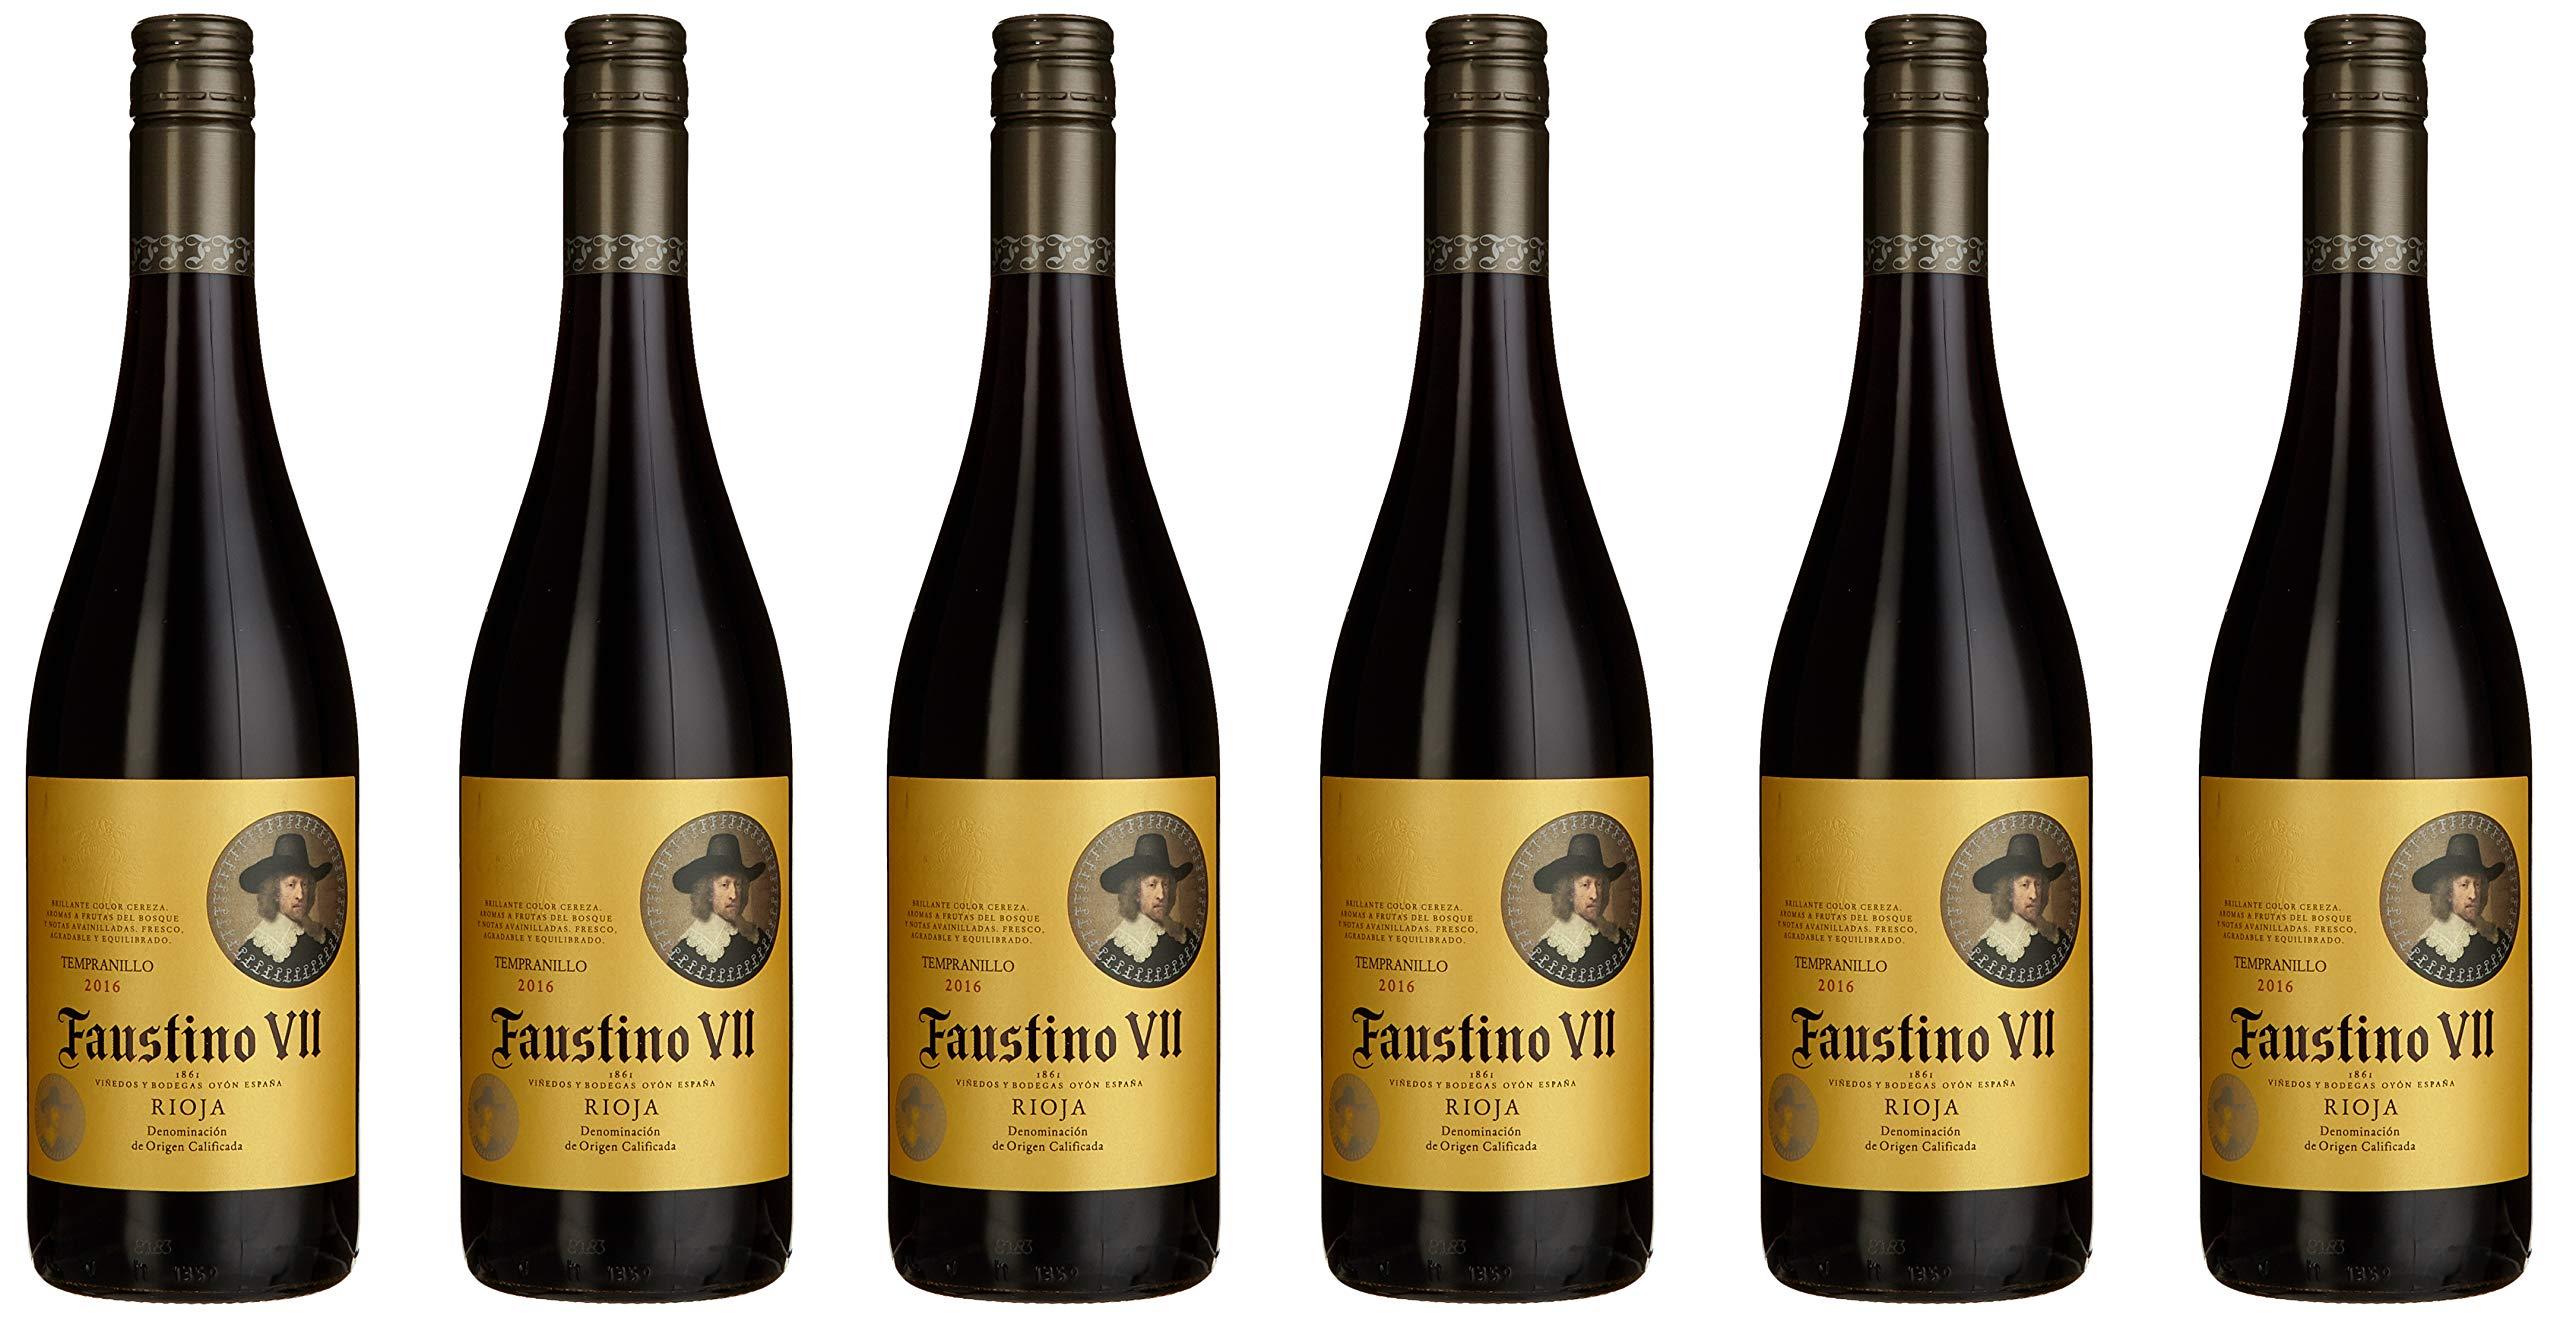 Faustino-VII-Tinto-Rioja-Vinos-Tempranillo-20132017-Trocken-6-x-075-l